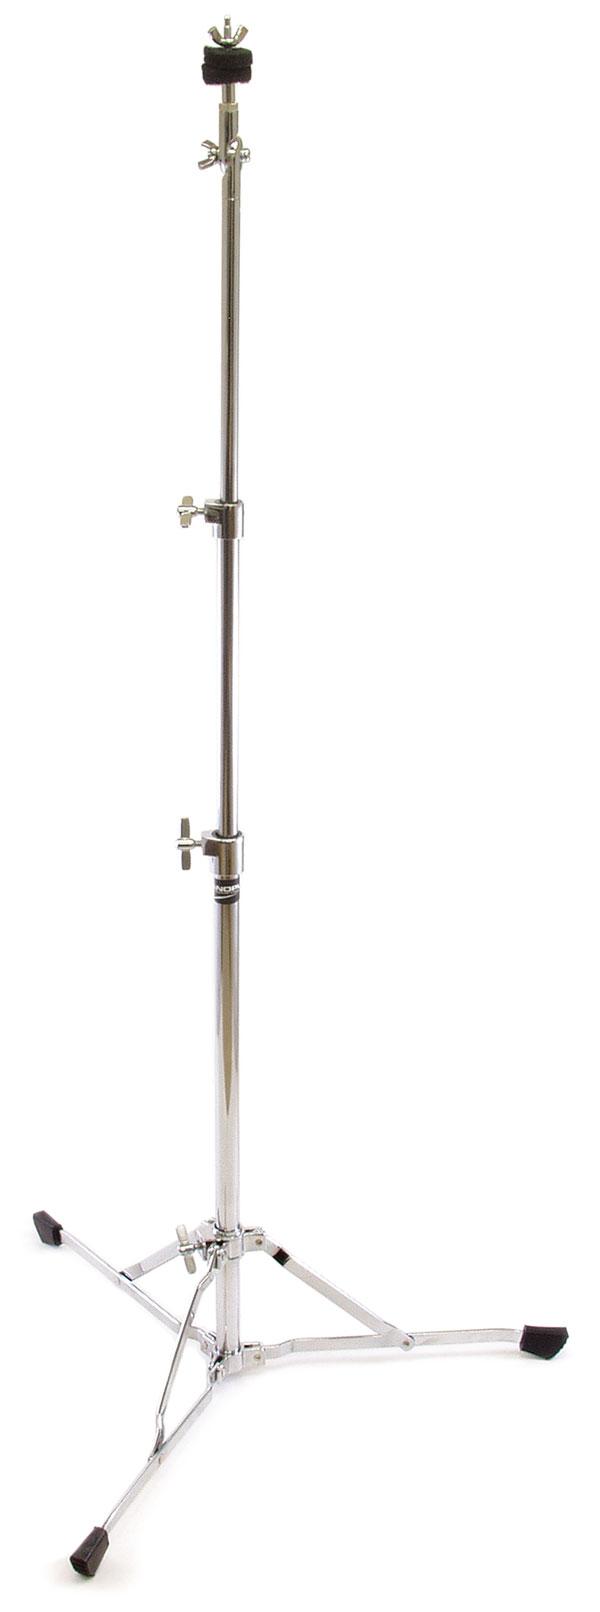 Flat Base Cymbal Stand CCS-1F